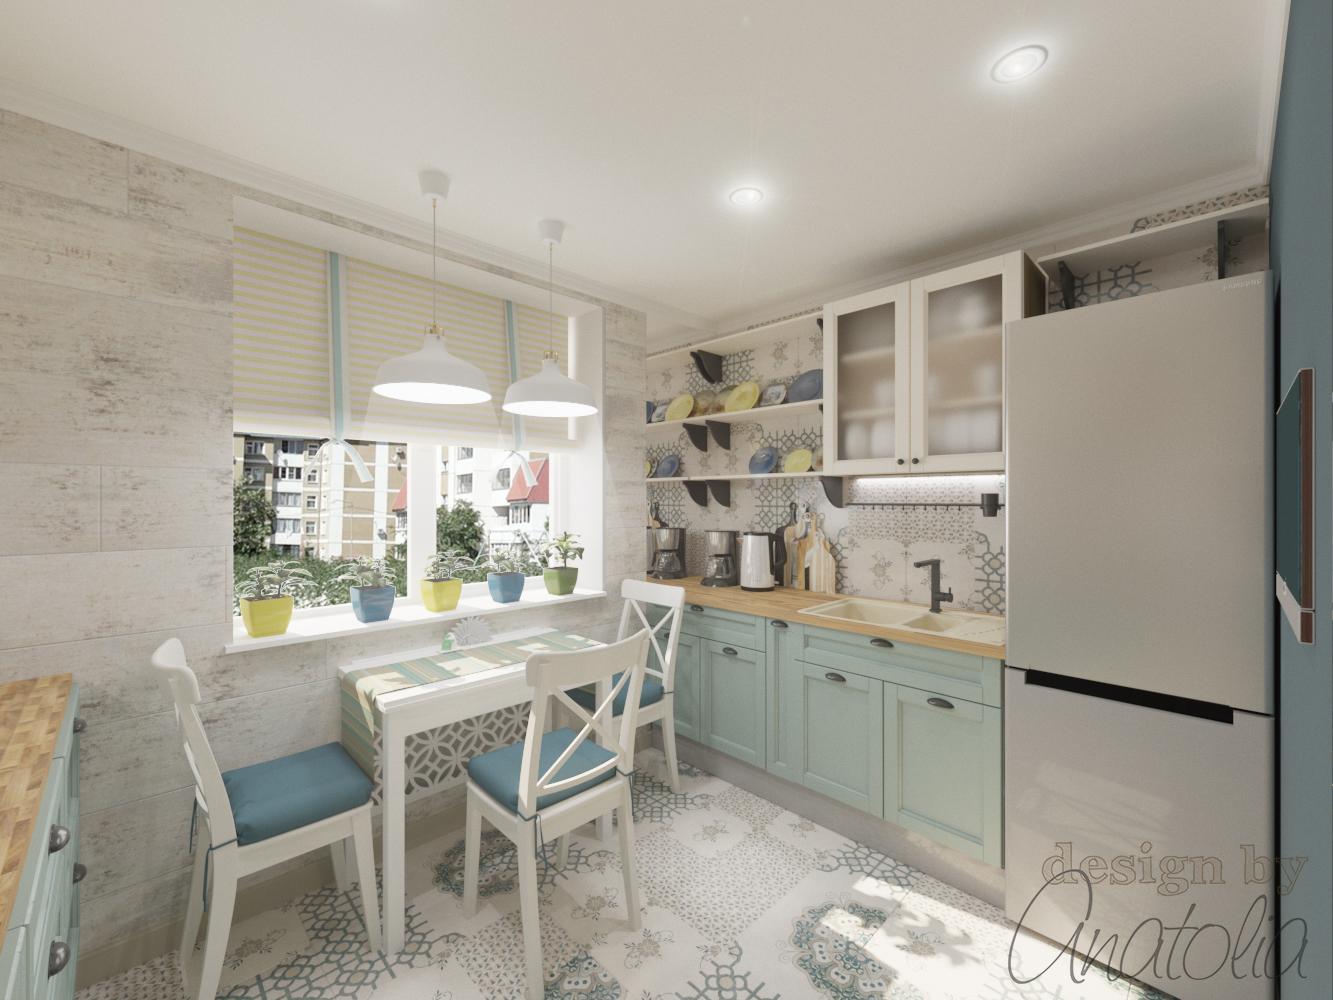 Дизайн кухни, дизайн квартиры, дизайн интерьера, ремонт под ключ в Воронеже, мебель на заказ в Воронеже, кухни на заказ в Воронеже